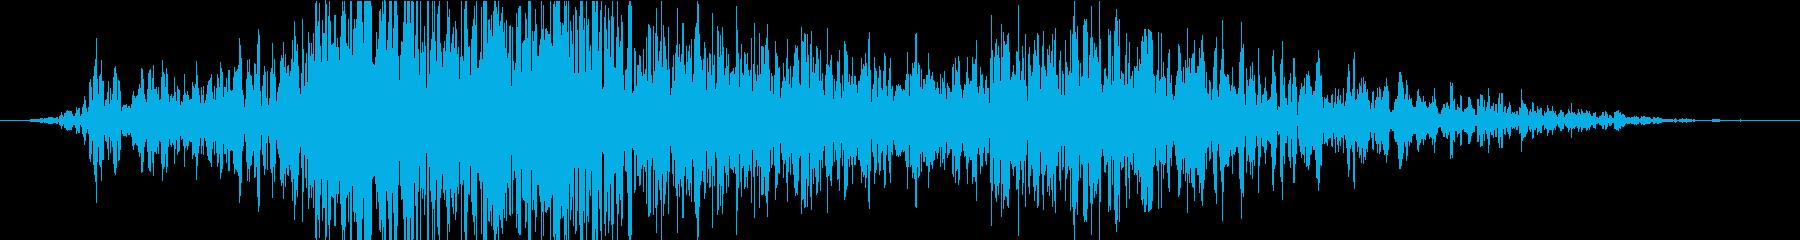 衝撃 噴火11の再生済みの波形